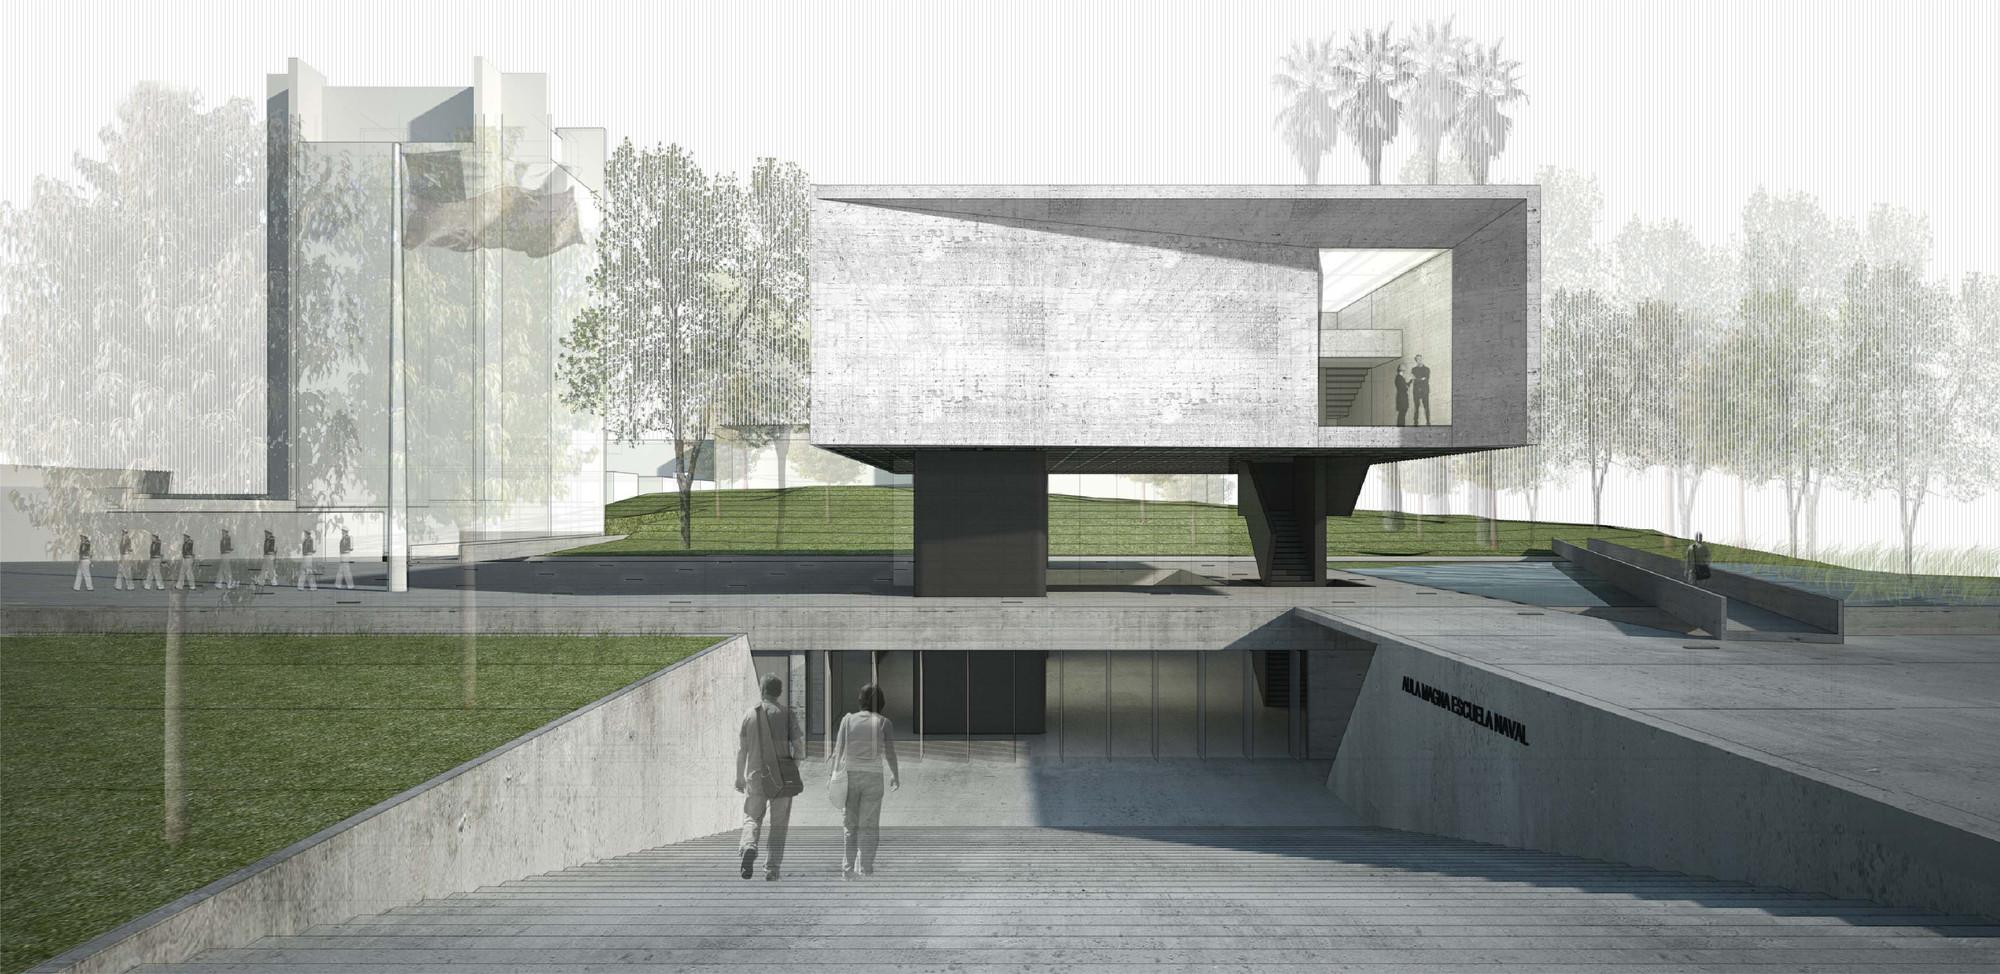 Cortesia de elton + léniz arquitectos asociados